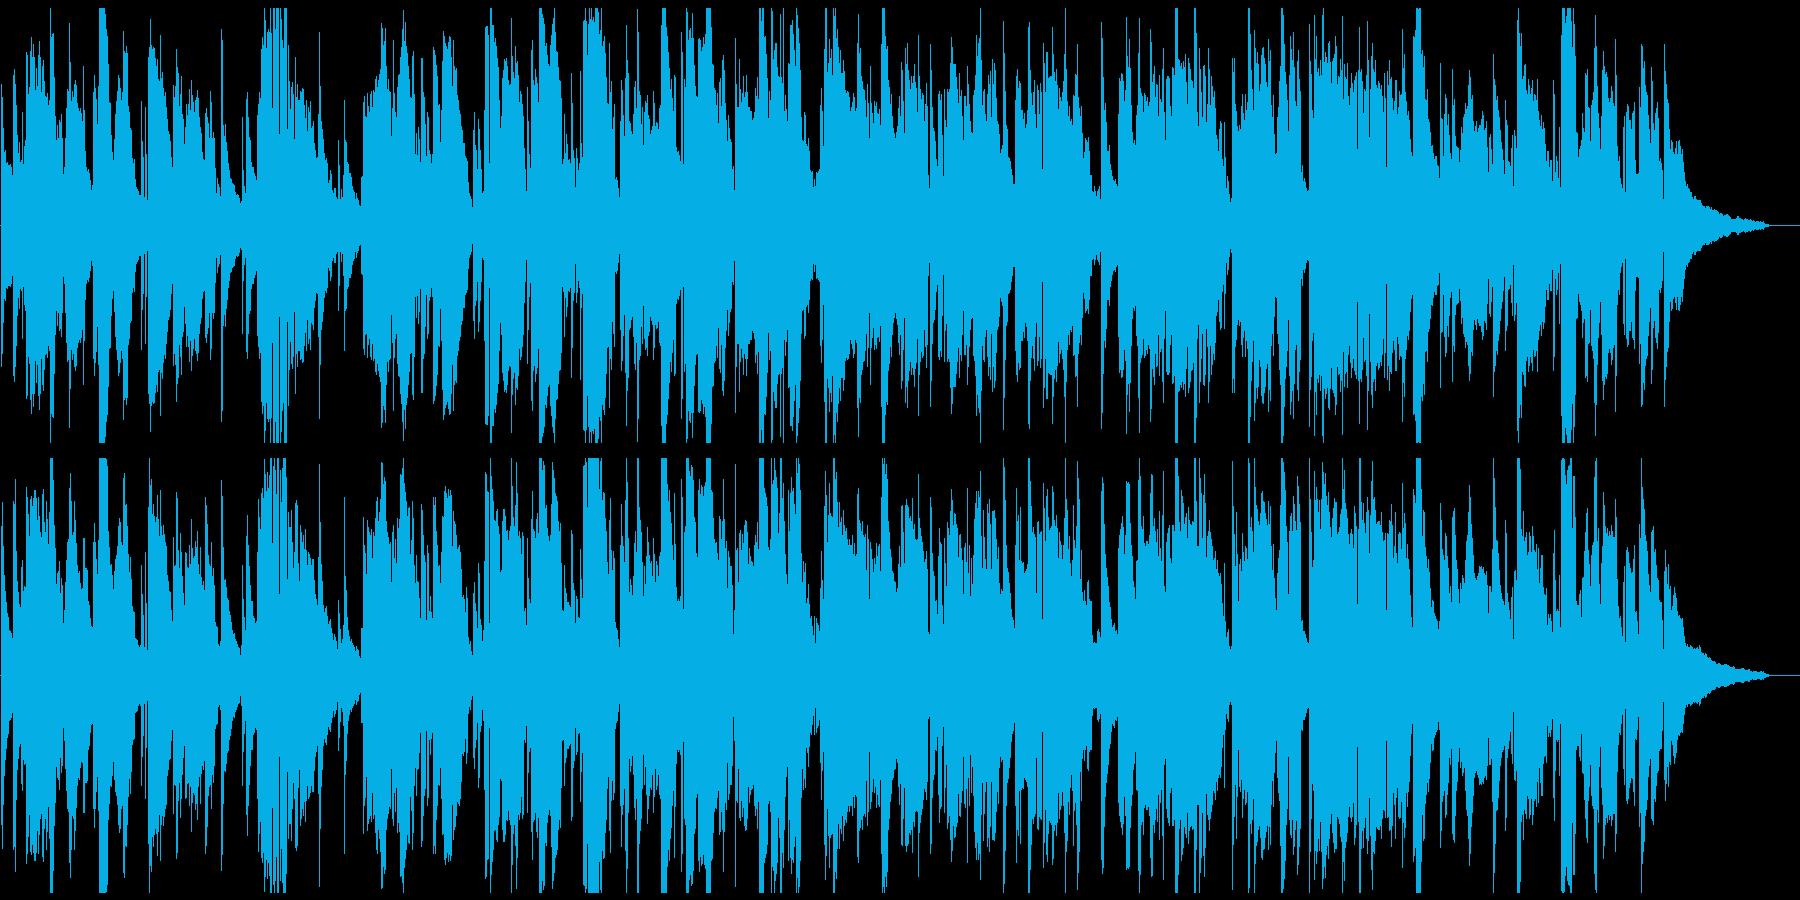 超ゆっくりしっとりジャズ 艶やかサックスの再生済みの波形